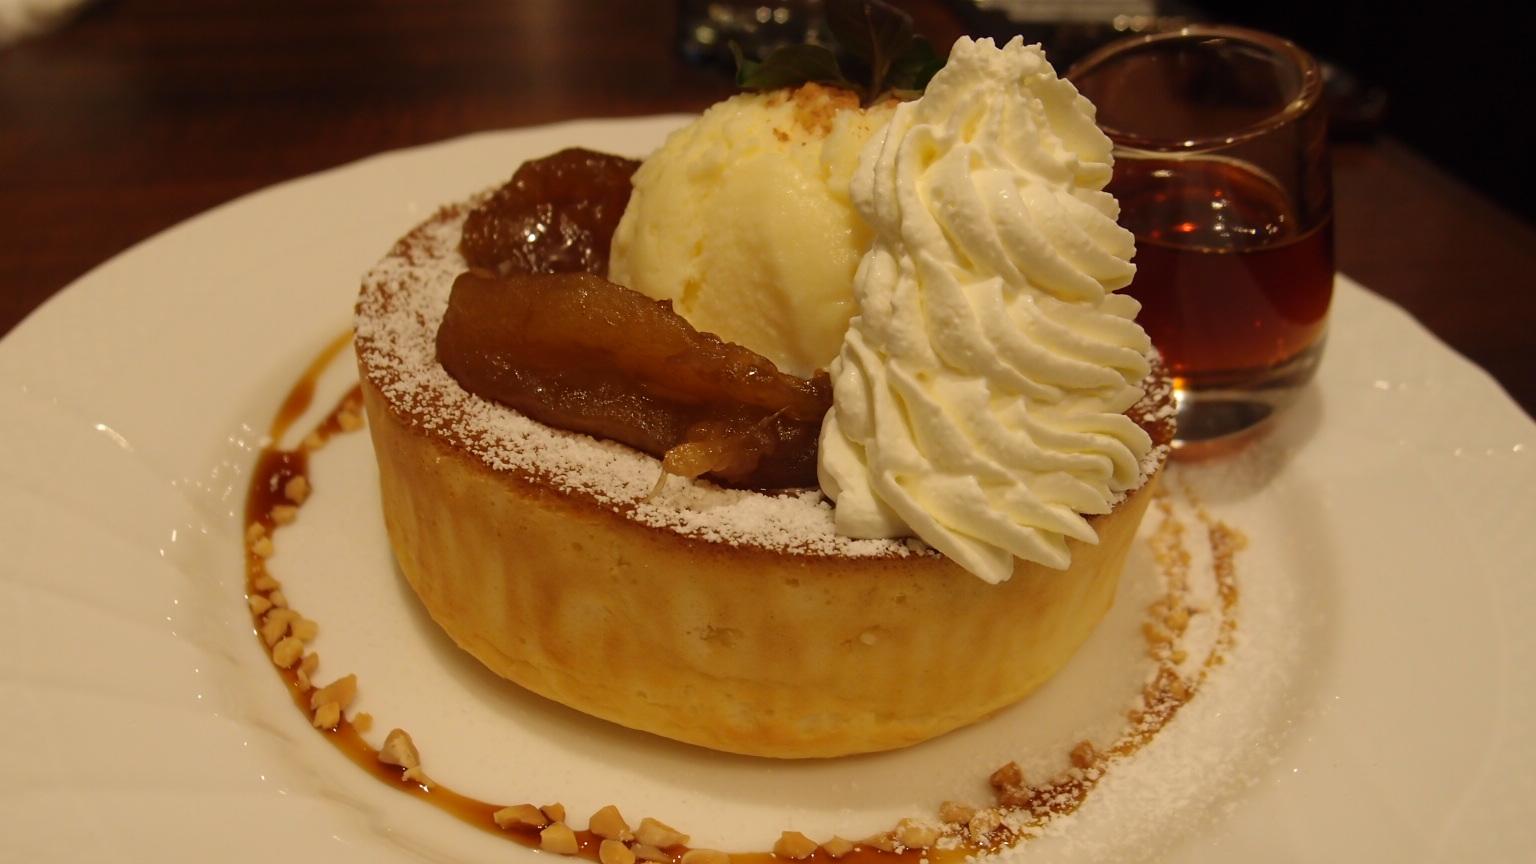 銀座 星乃珈琲店 キャラメルりんごのスフレパンケーキ